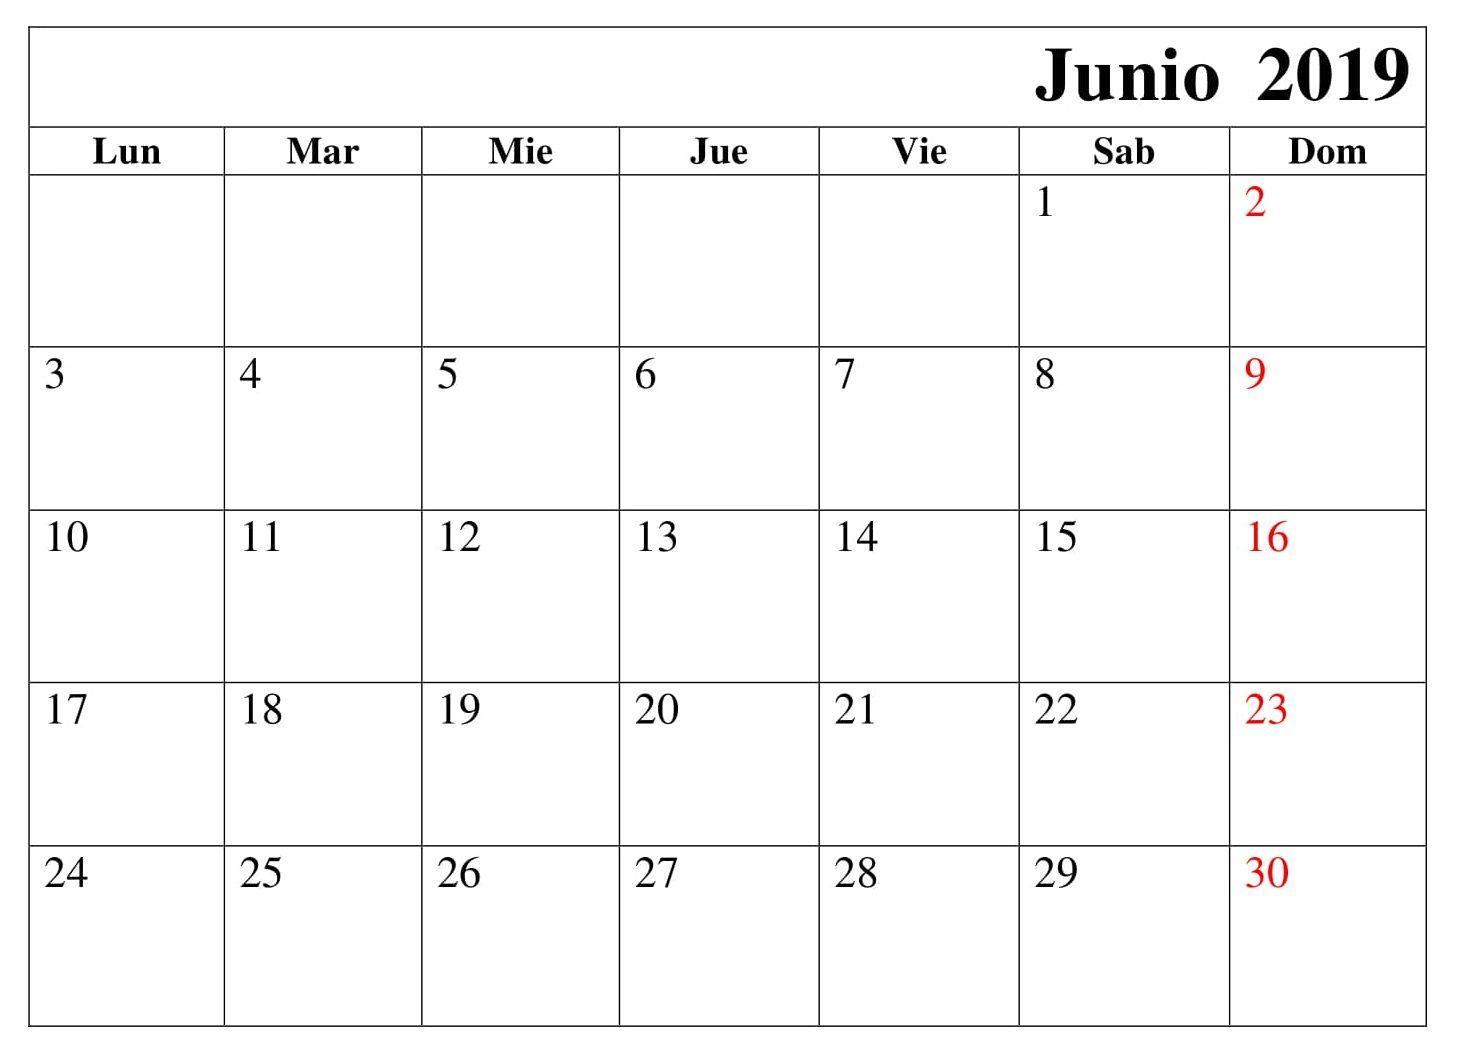 Calendario Junio 2019 Para Imprimir Pdf.Calendario Junio Grande Para Imprimir 2019 June 2019 Calendar